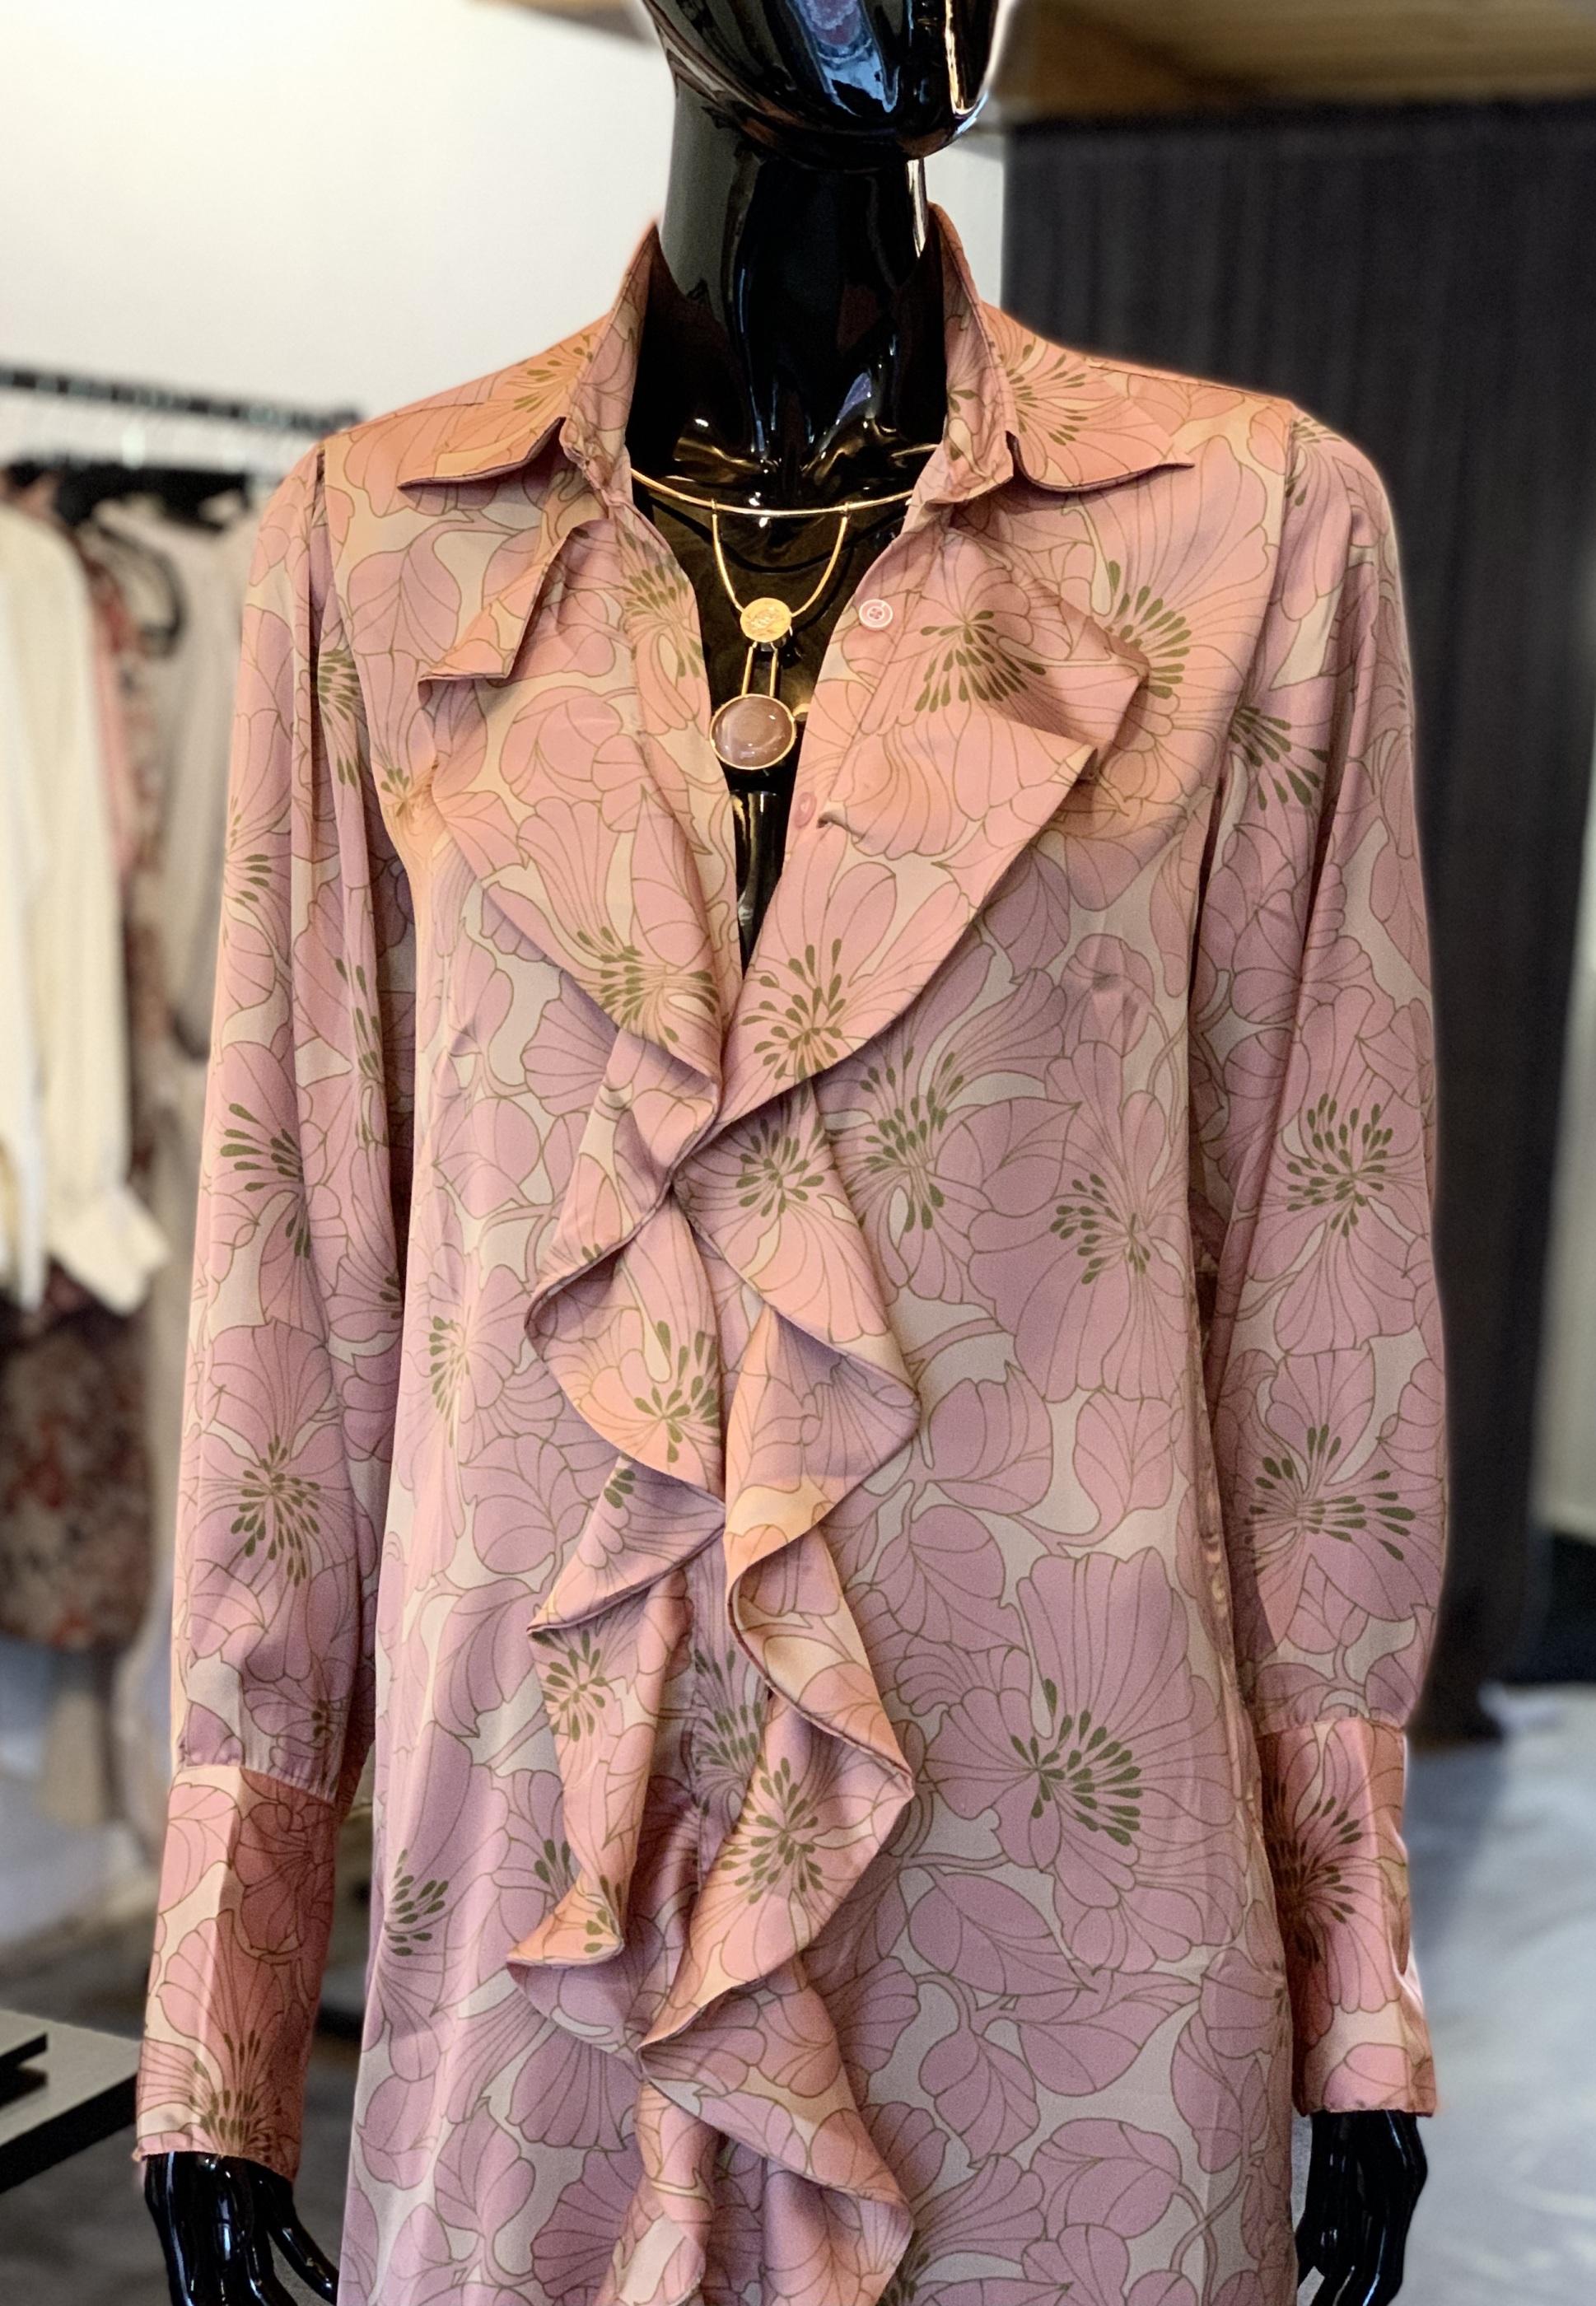 KARMAMIA Gardenia Ruffle Kimono Limited Edition IMAGE BY ME